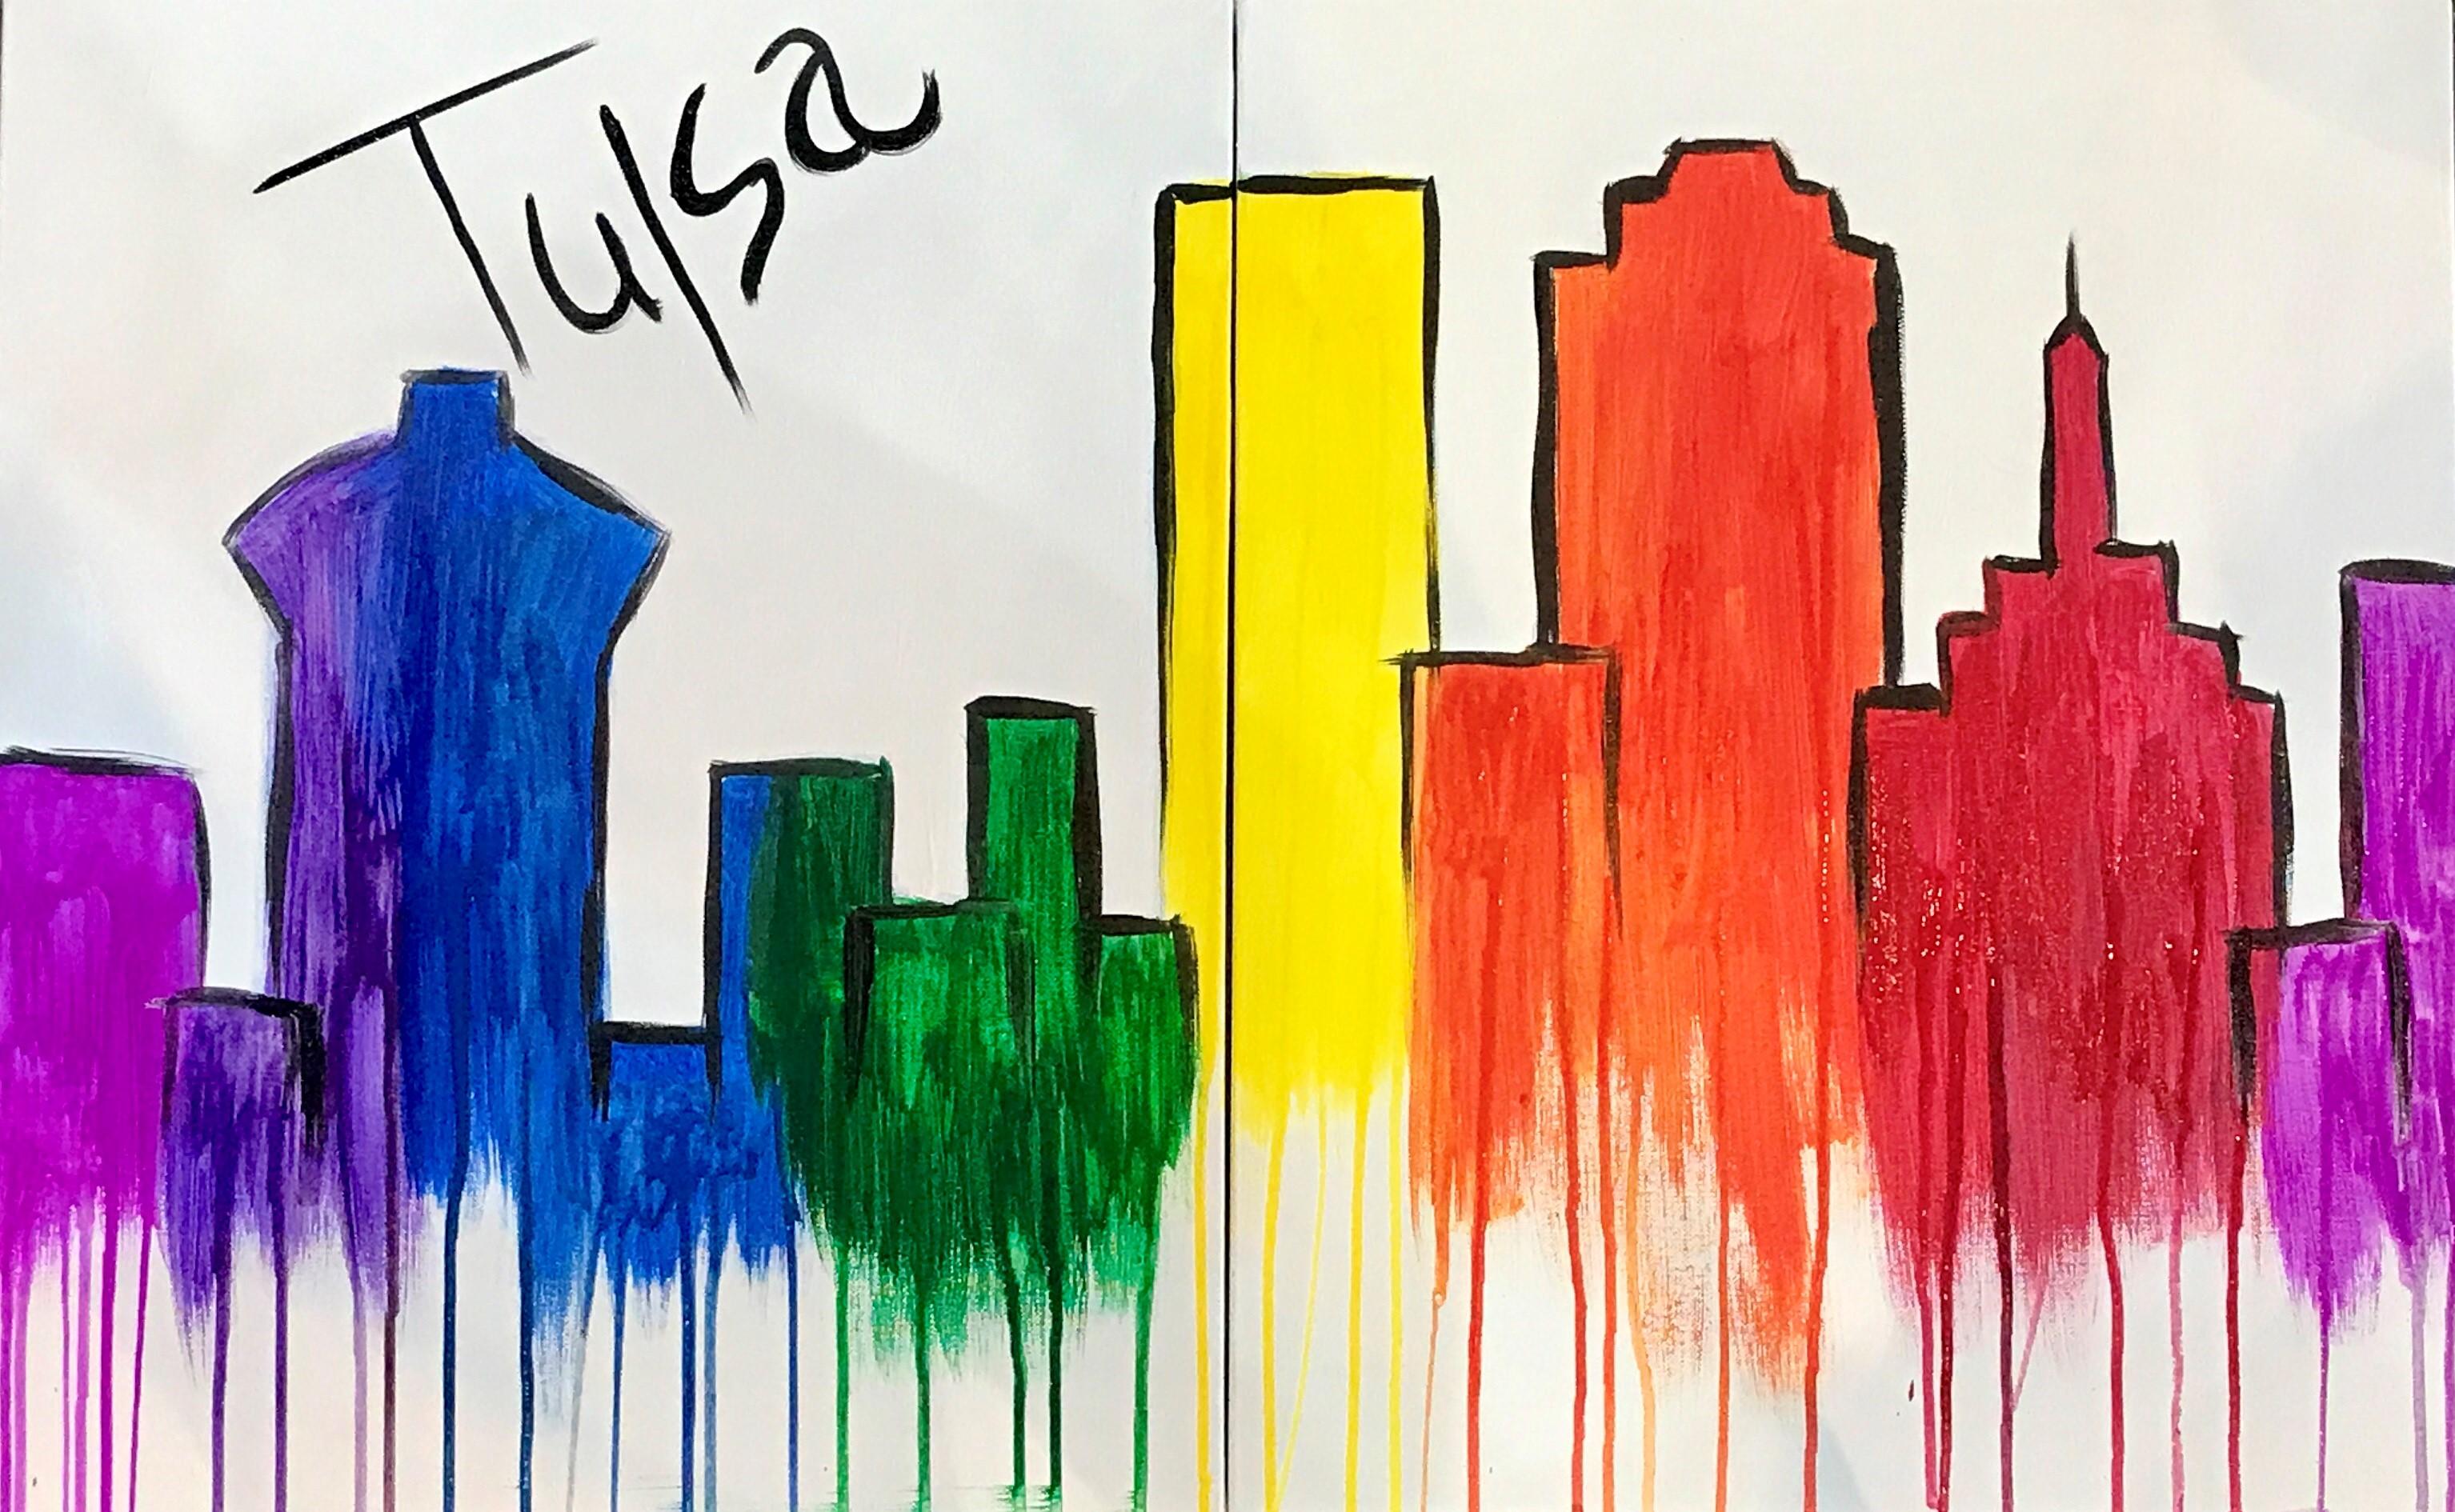 Tulsa Proud